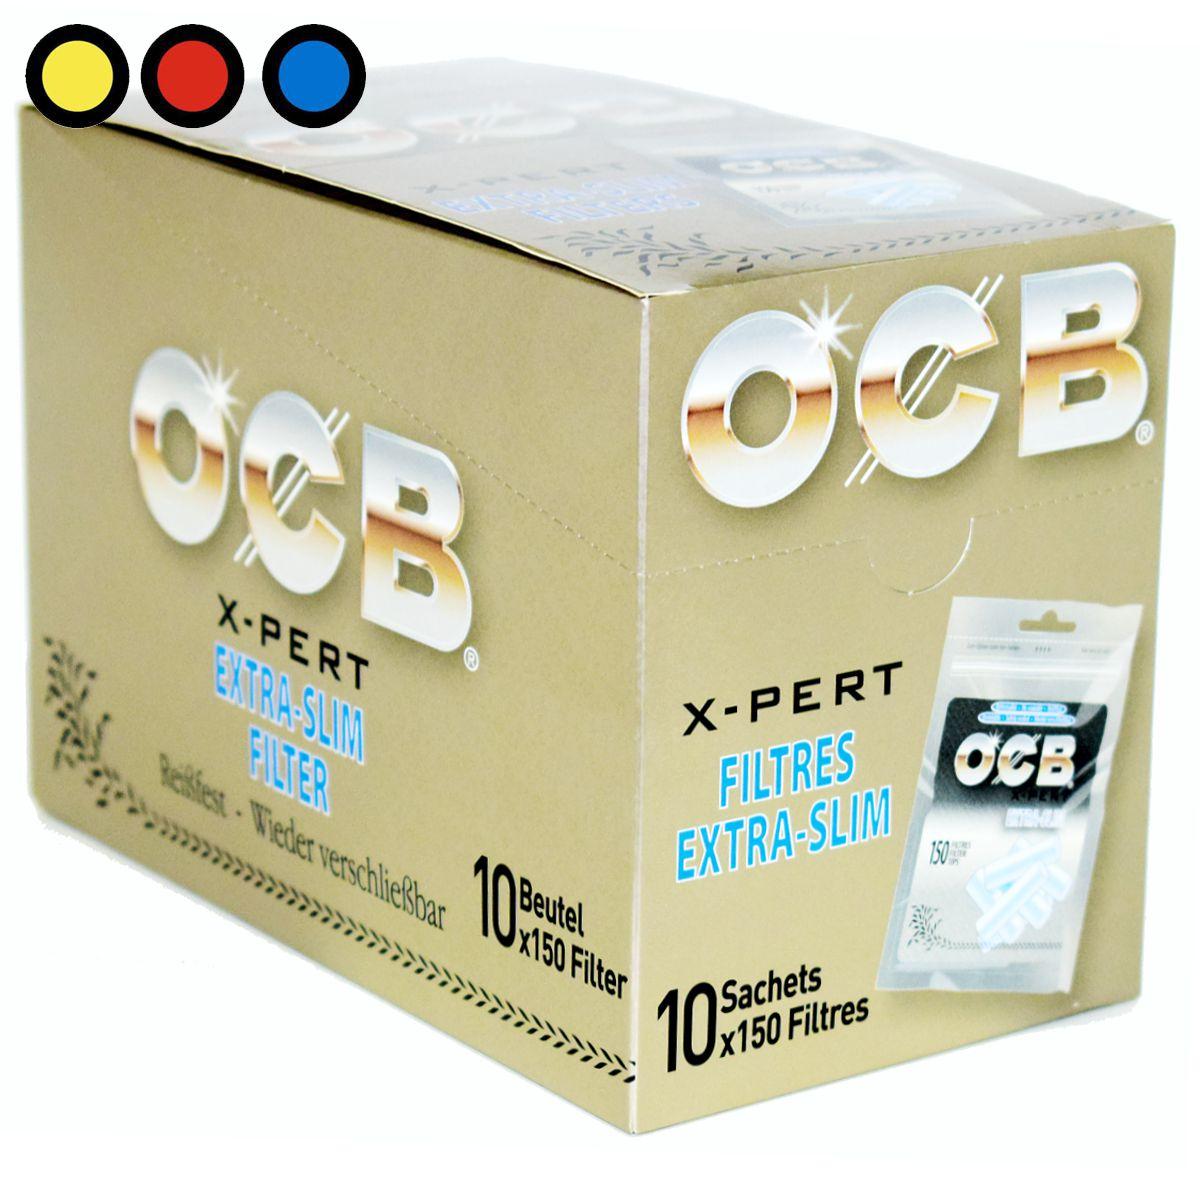 filtros ocb extra slim precio mayorista